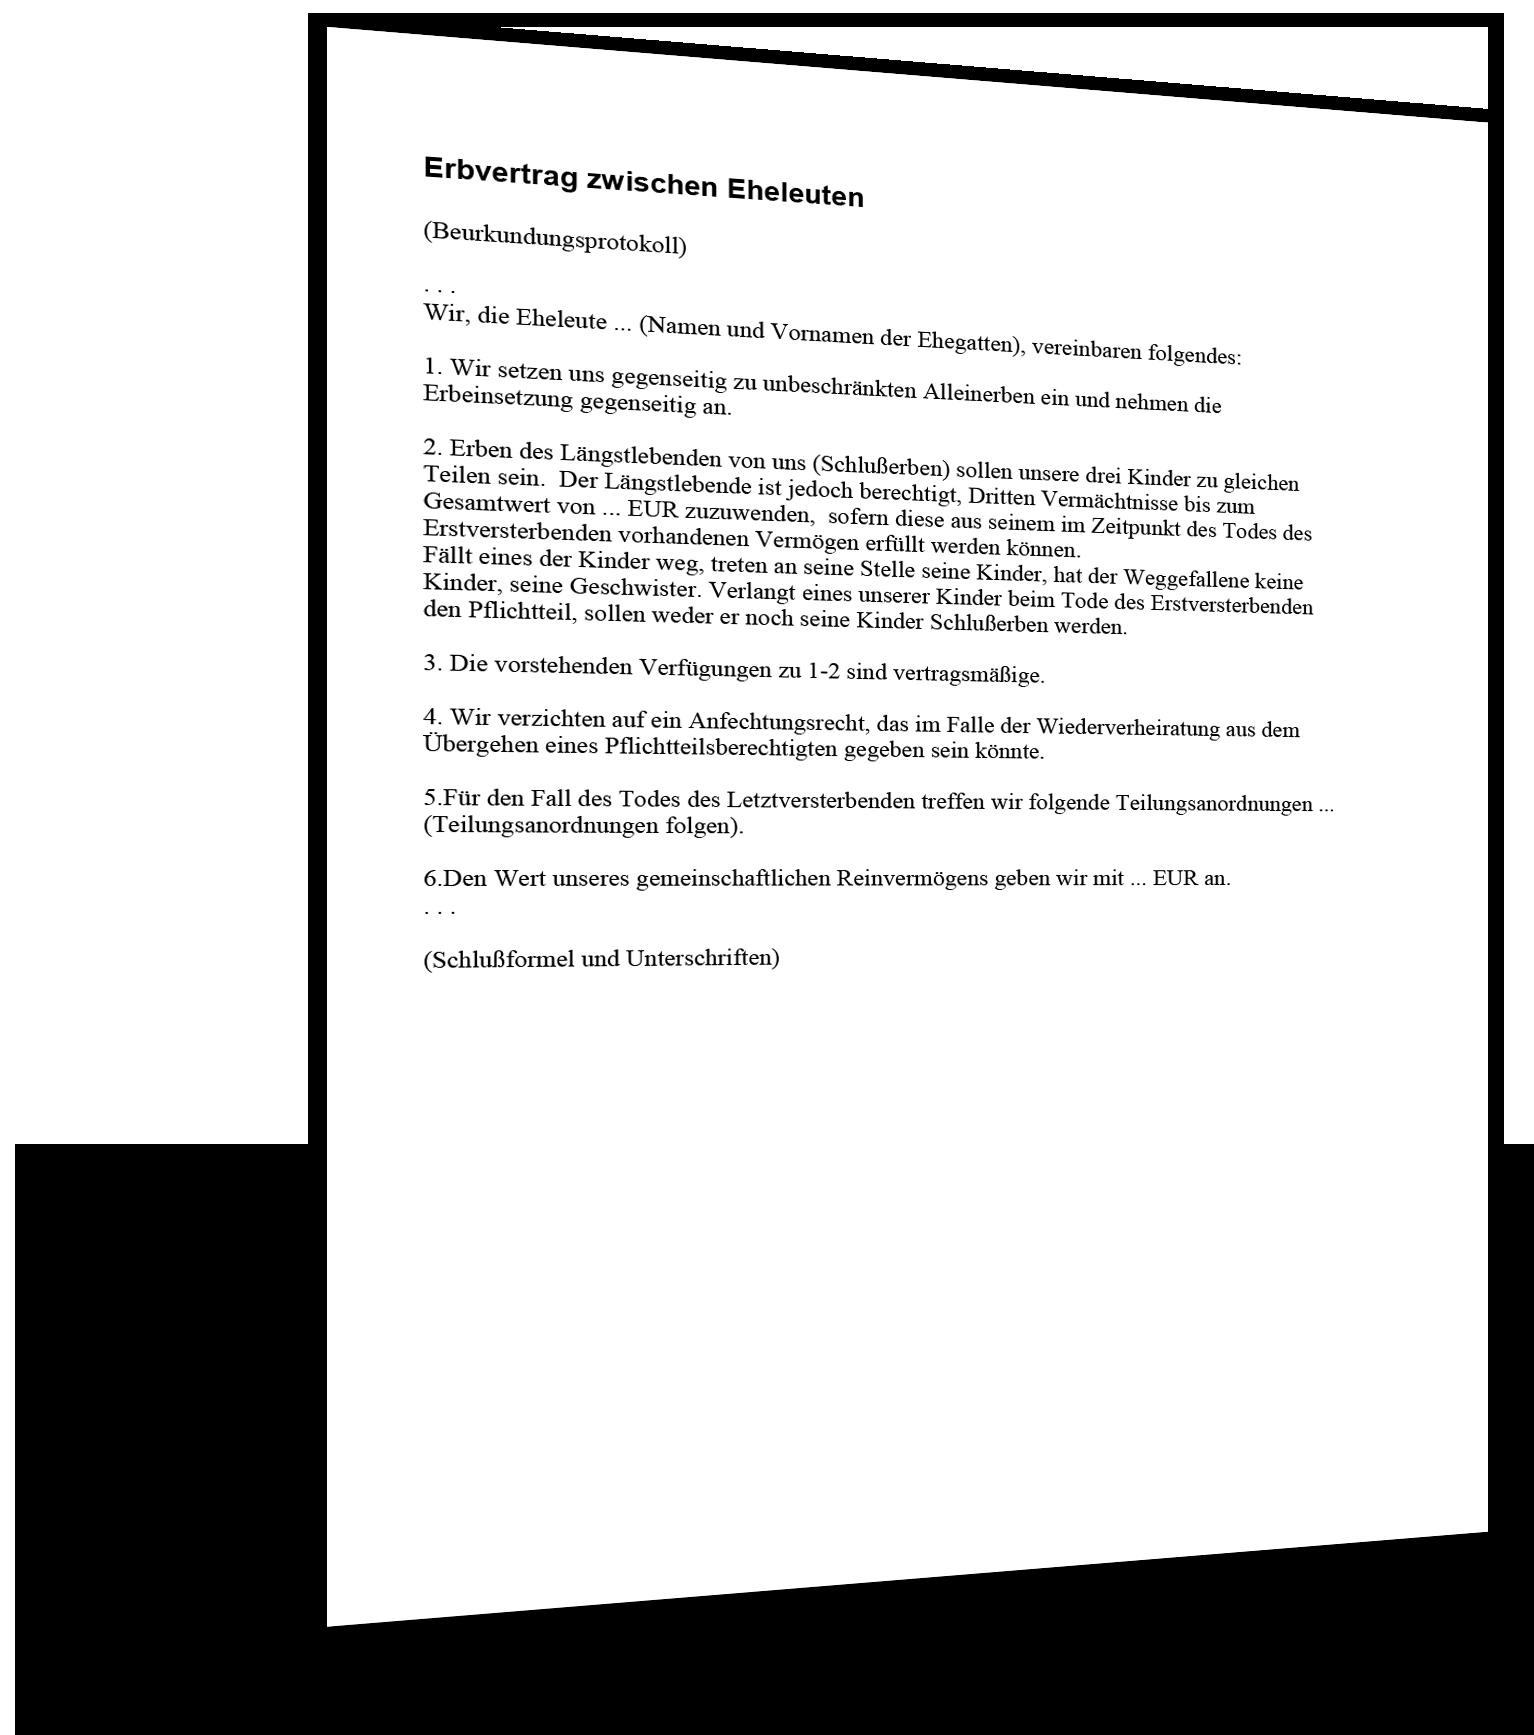 erbvertrag zwischen eheleuten muster - Erbvertrag Muster